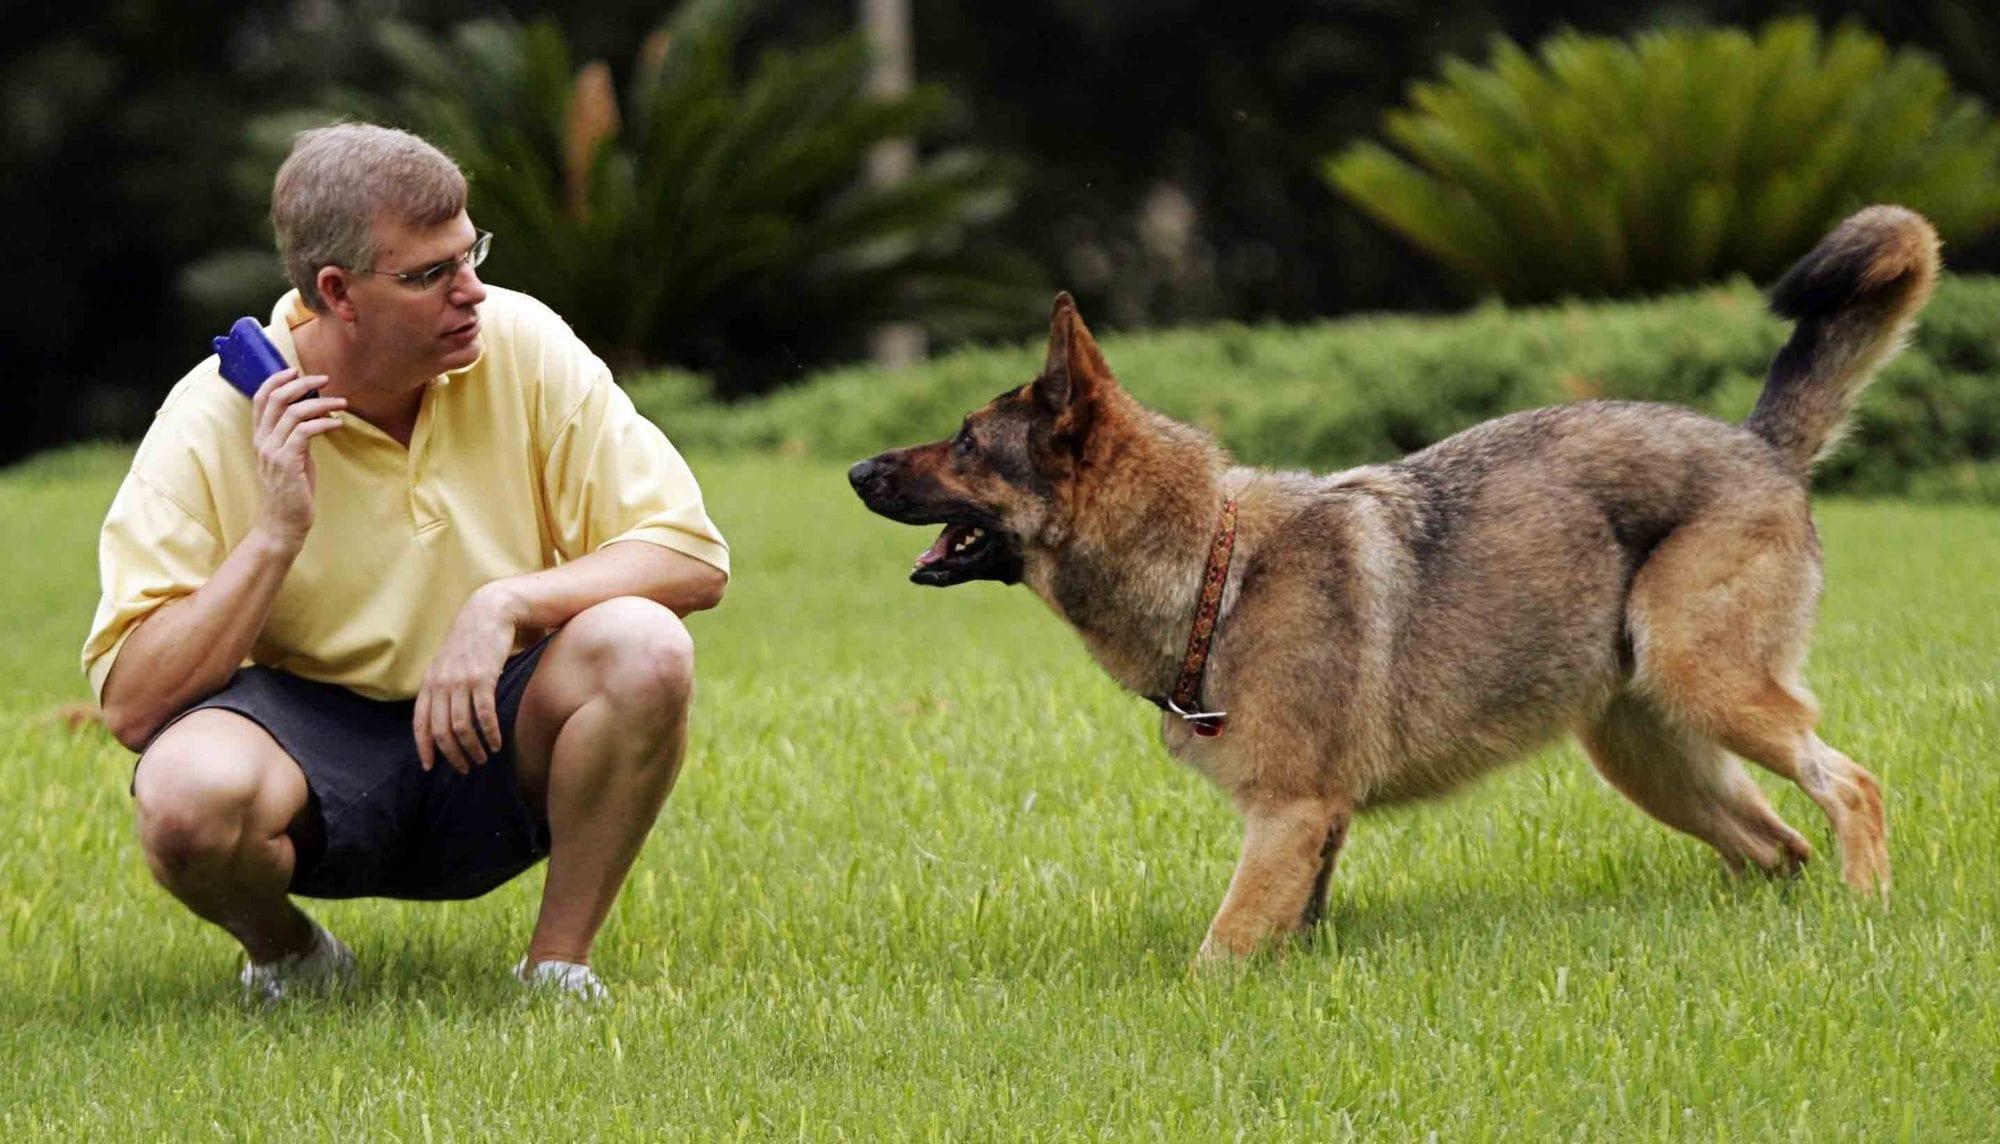 كيف تدرب الكلاب